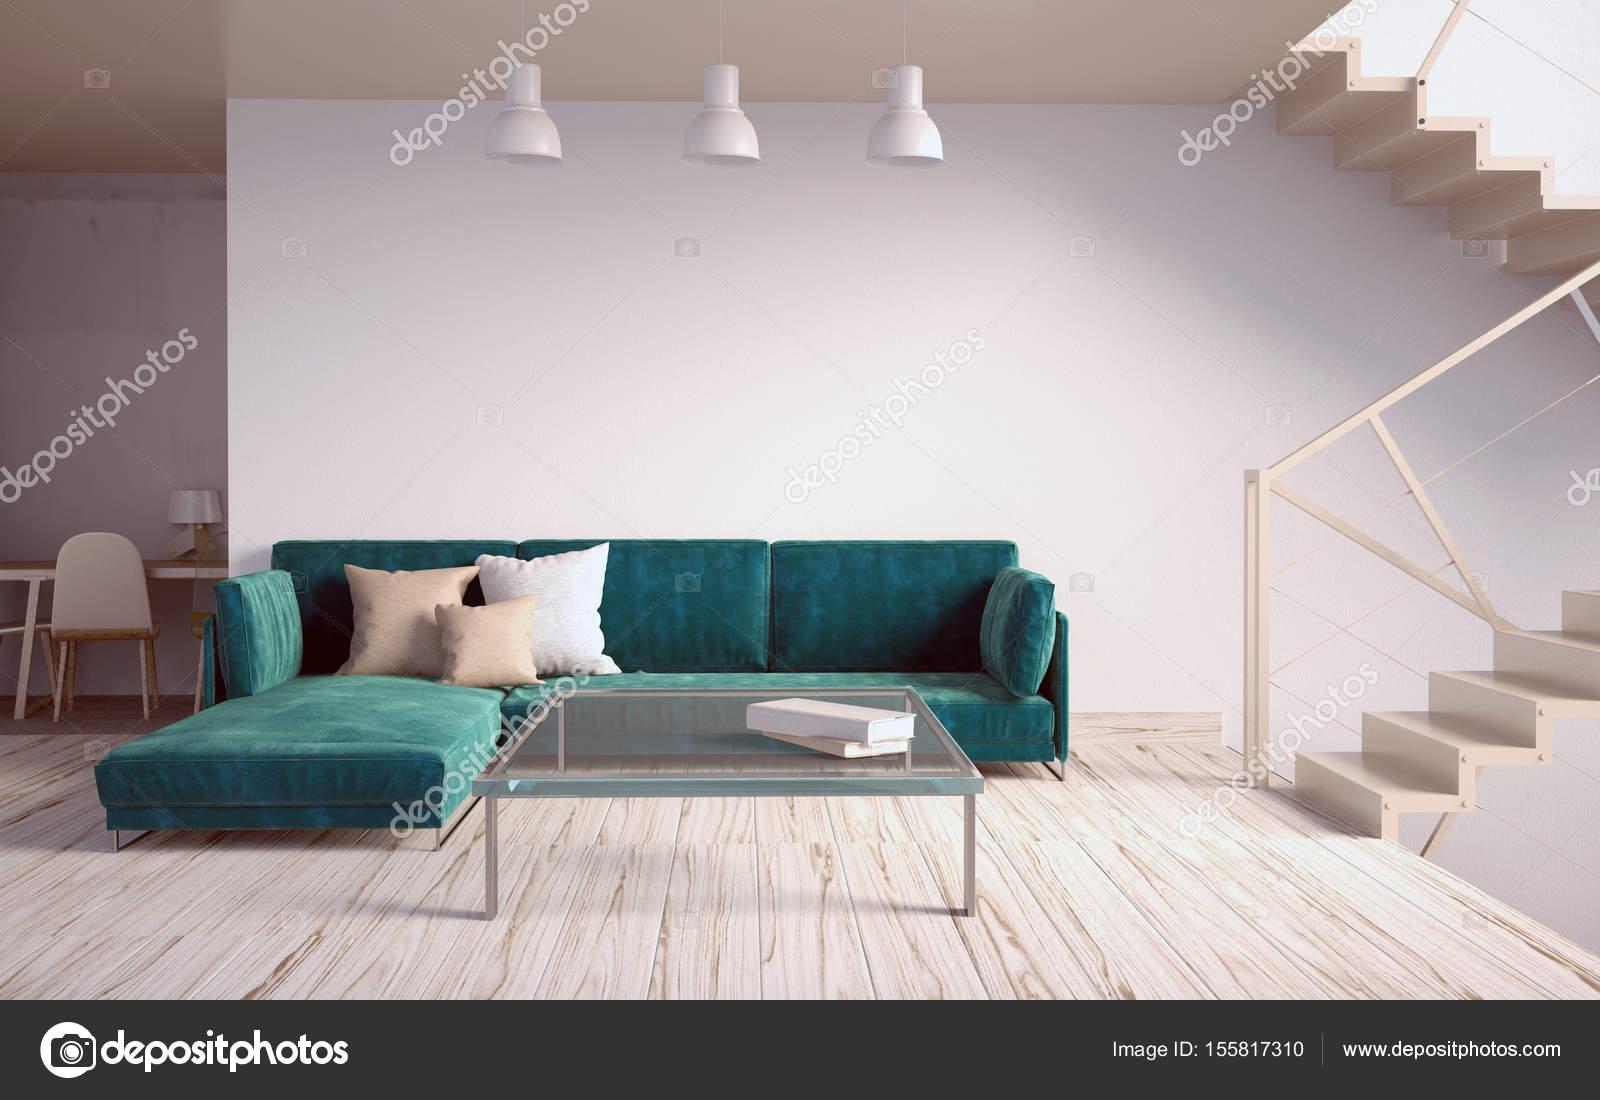 Deridere sul muro interno con scale e divano. soggiorno hipst — Foto ...